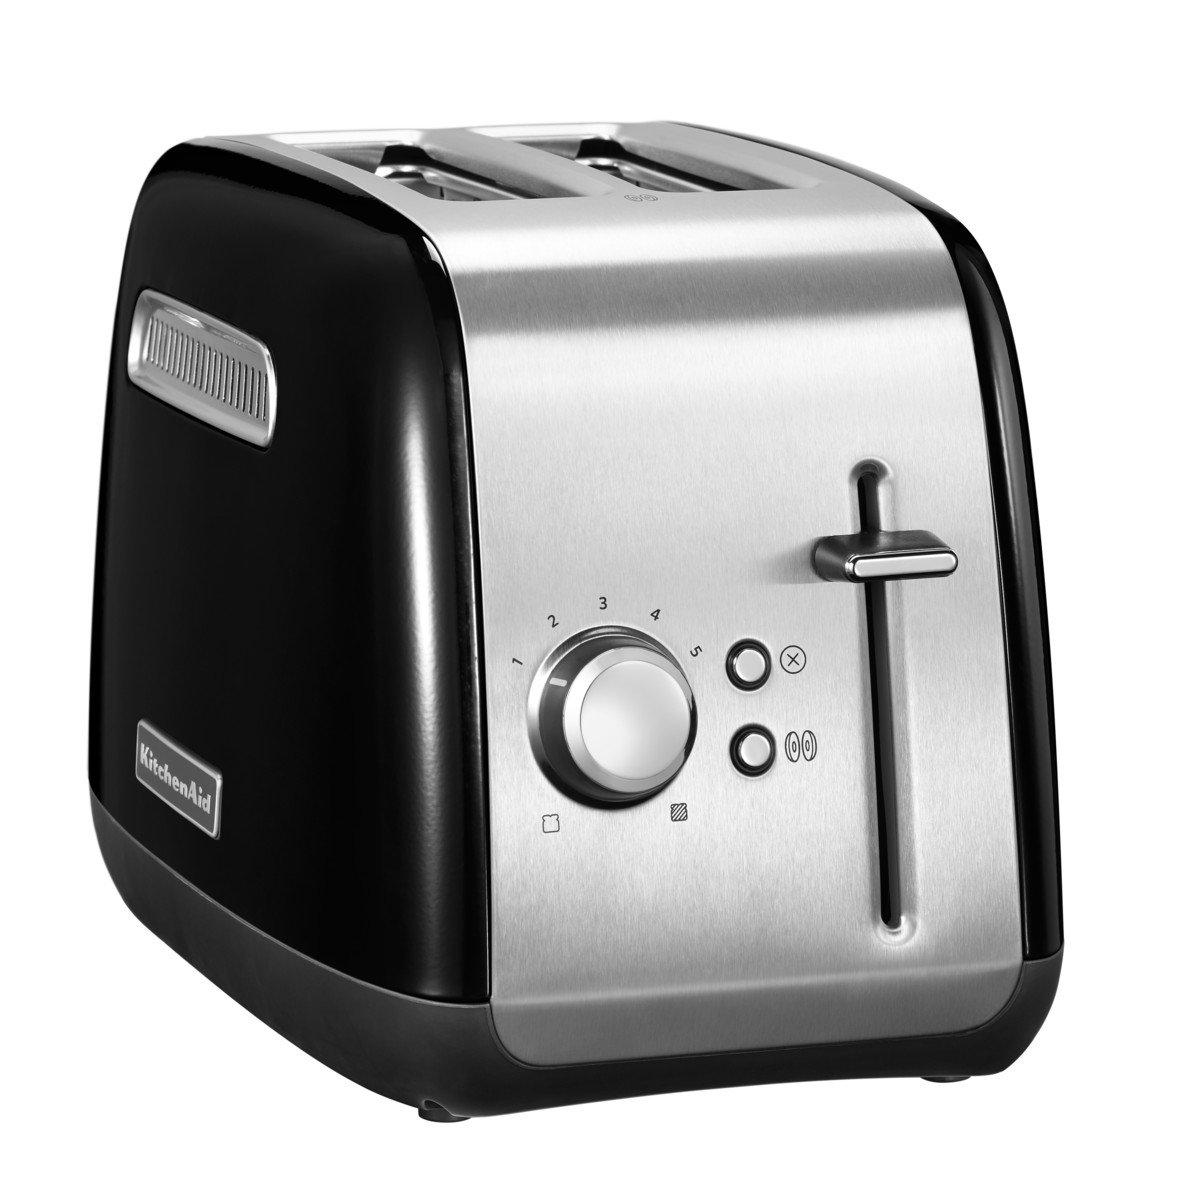 KitchenAid-CLASSIC-2-Scheiben-Toaster-18-kg